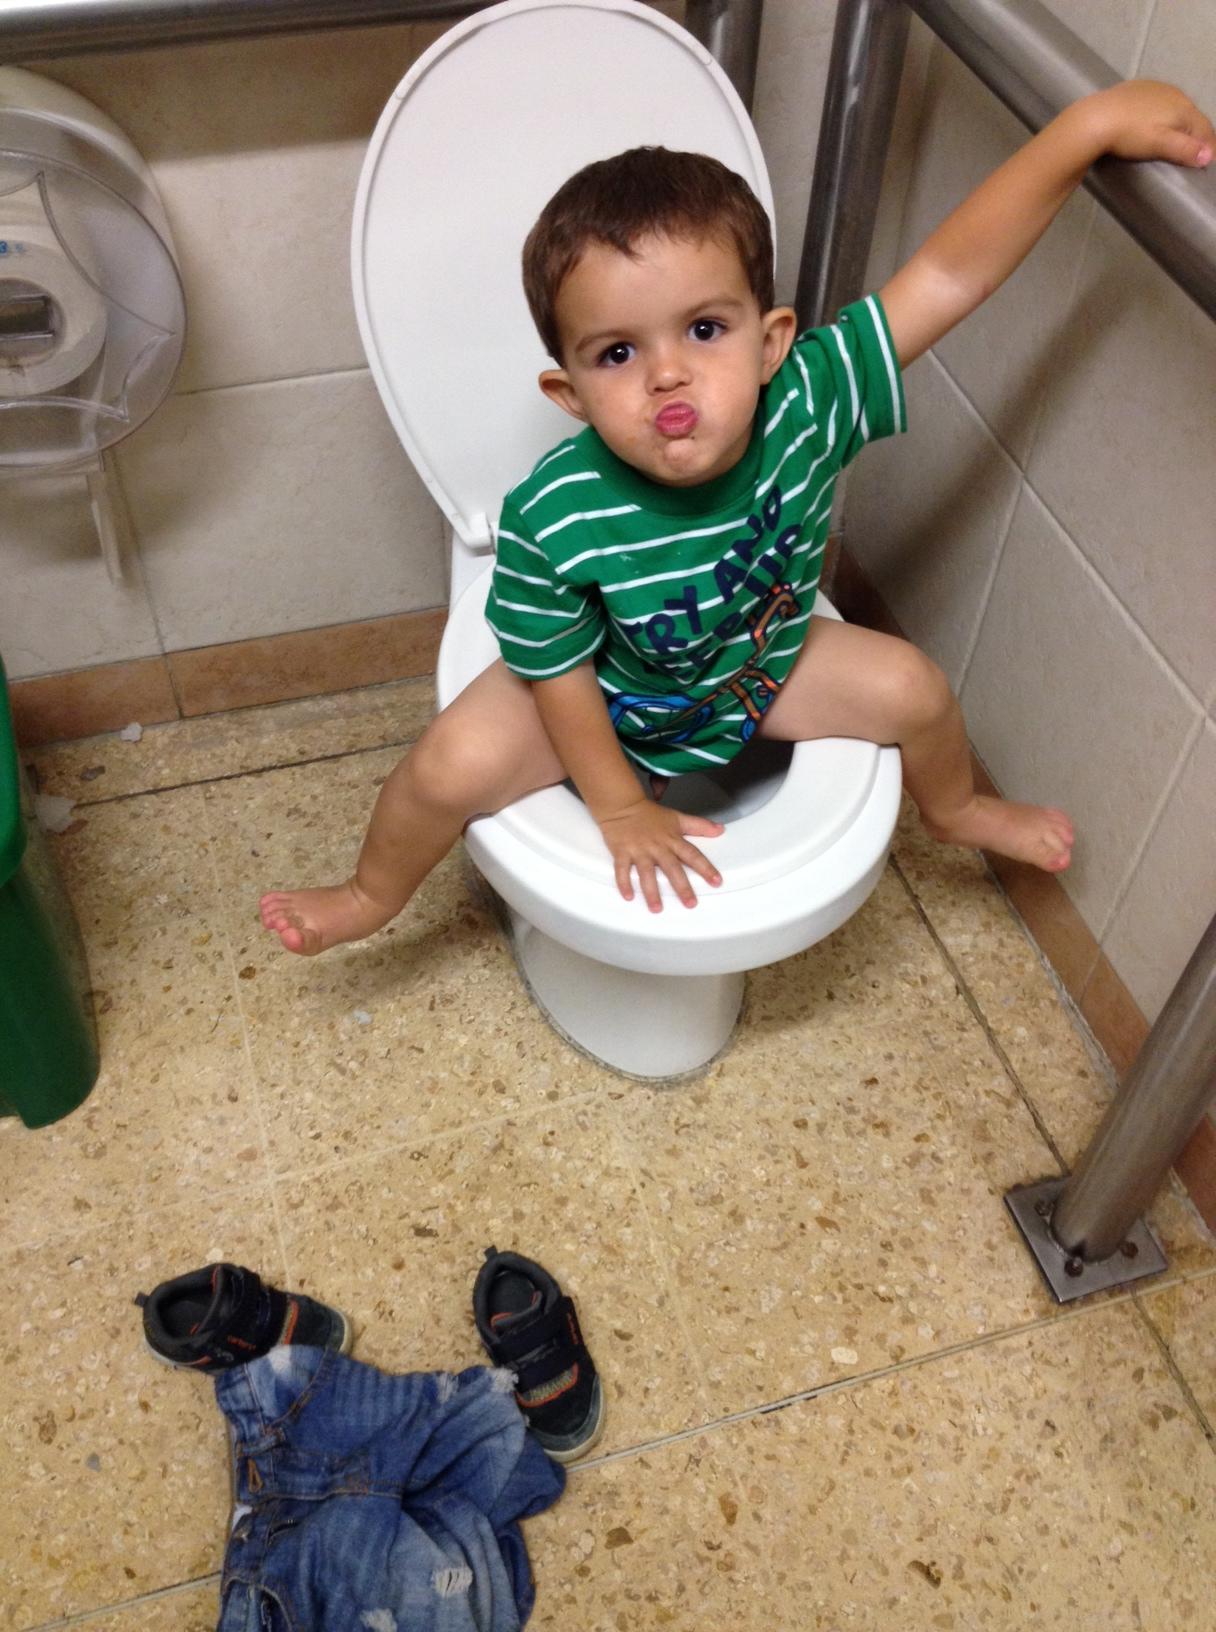 Baños Públicos Niños | lagallinaylospollitos